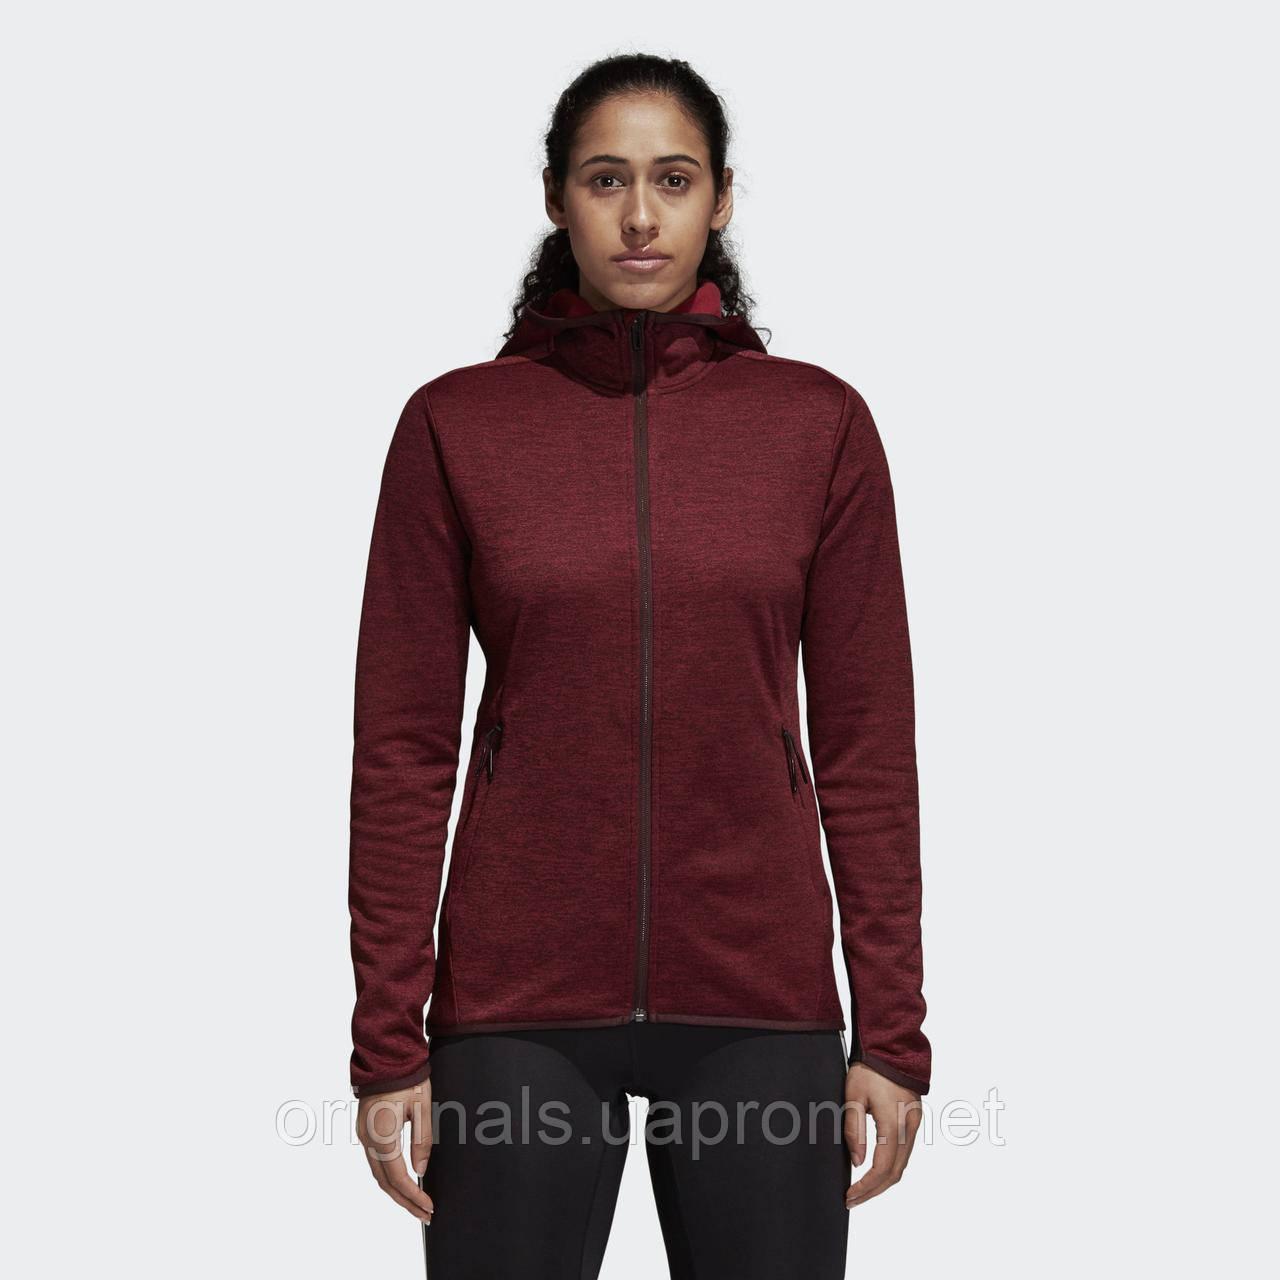 Теплая женская толстовка Adidas Transitional DM4402